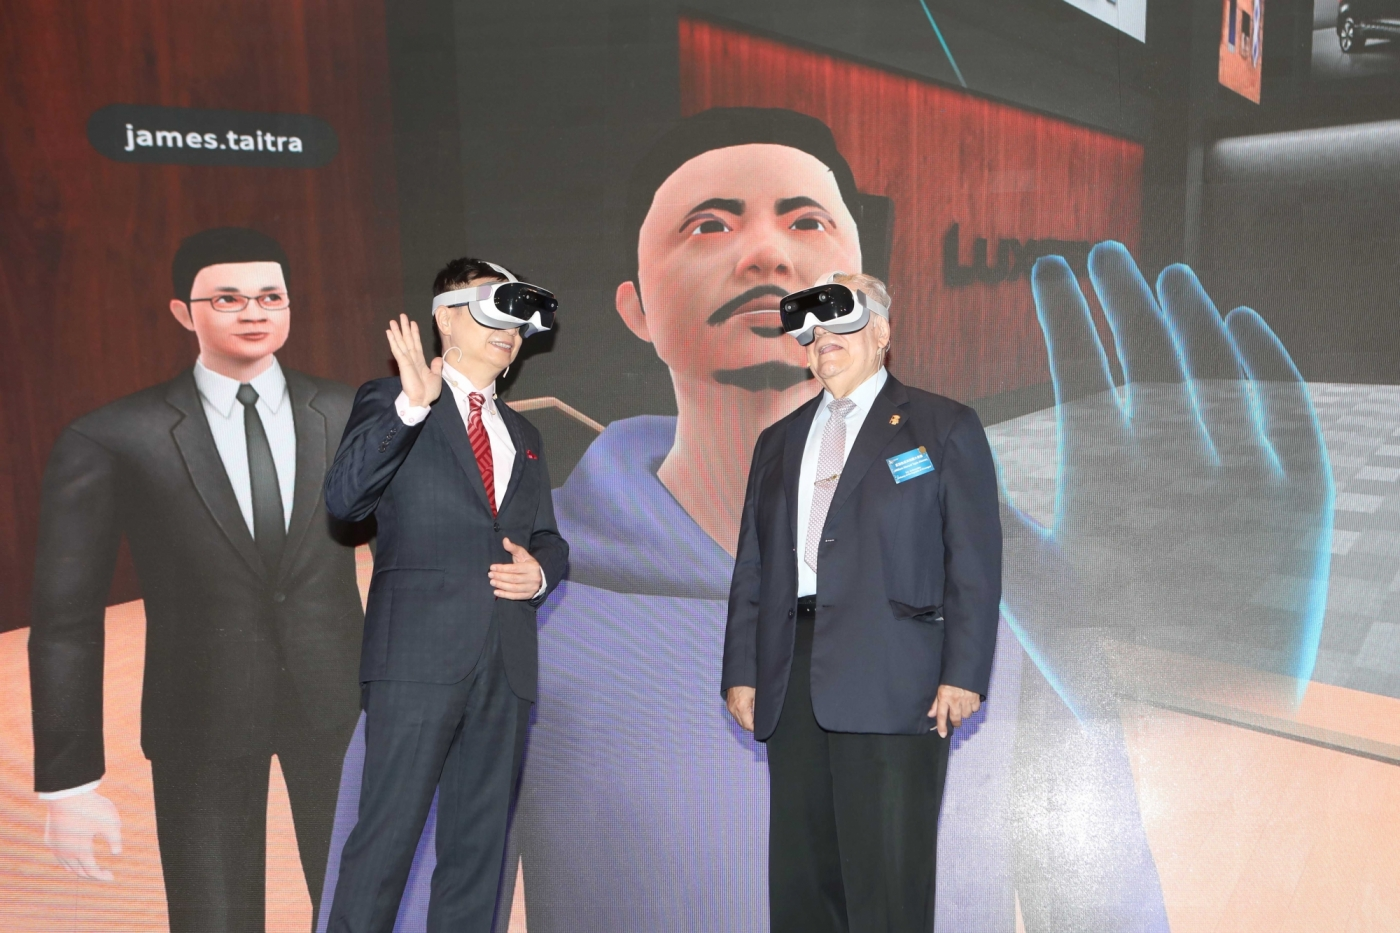 3成展場未來將閒置!與周永明XRSpace研發「虛擬展覽館」,50歲的貿協數位轉型怎麼拚?